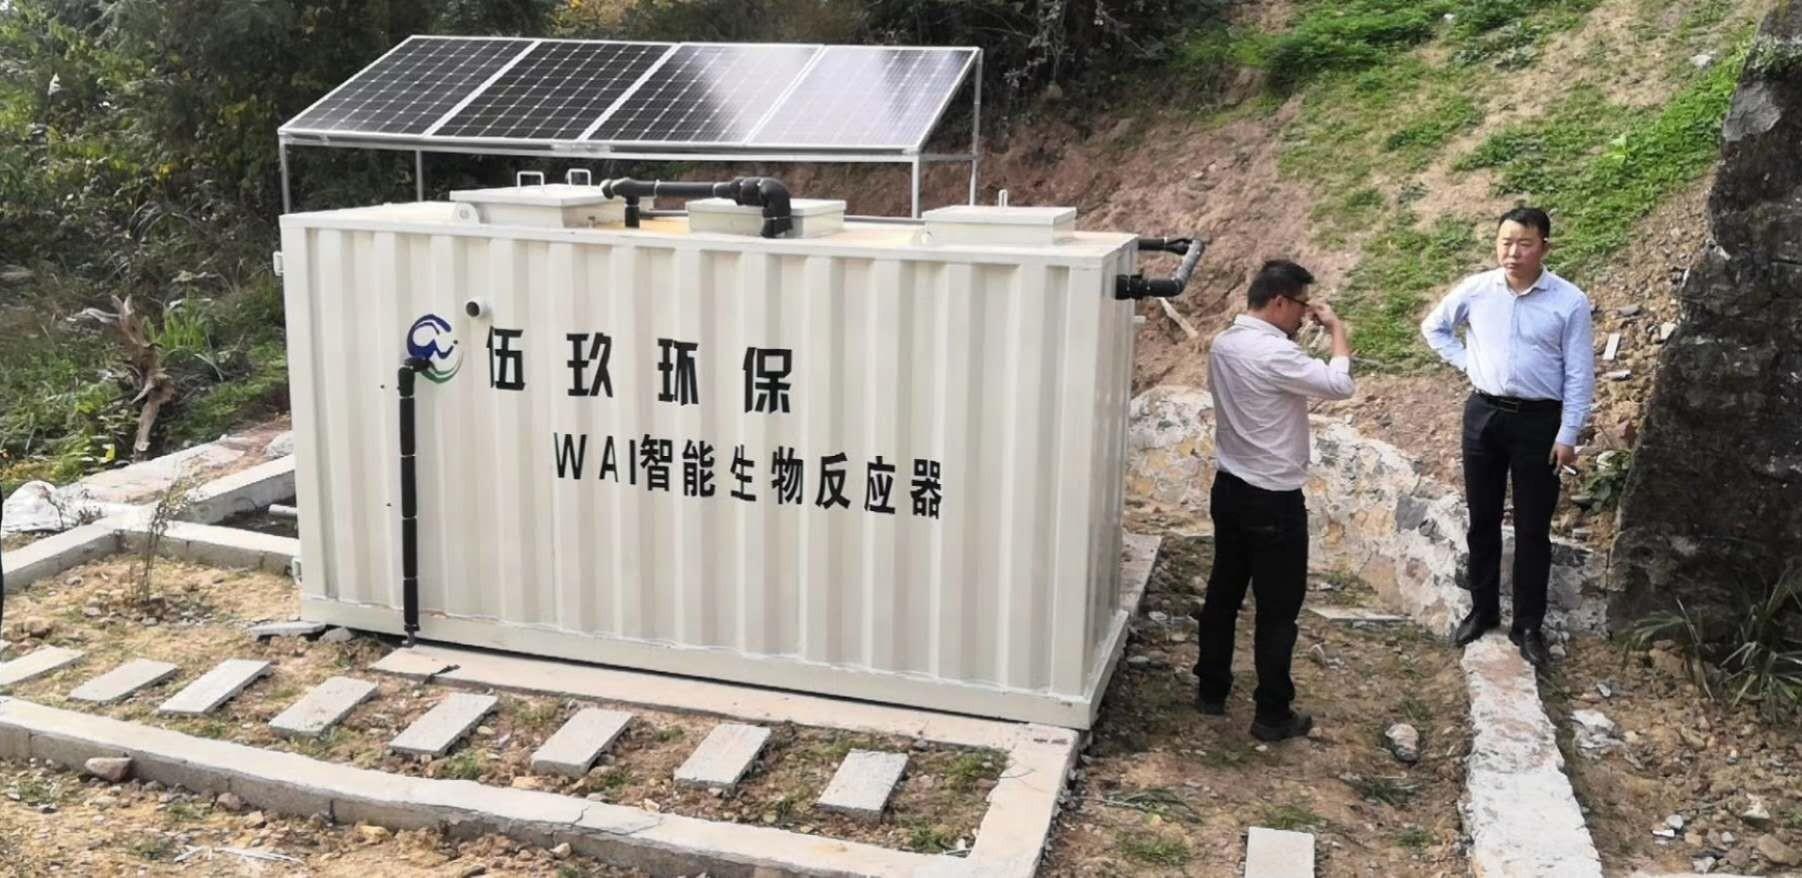 湖北宜昌市兴山县贺家坪安置小区光伏能源+WAI智能生物反应器雷竞技下载项目